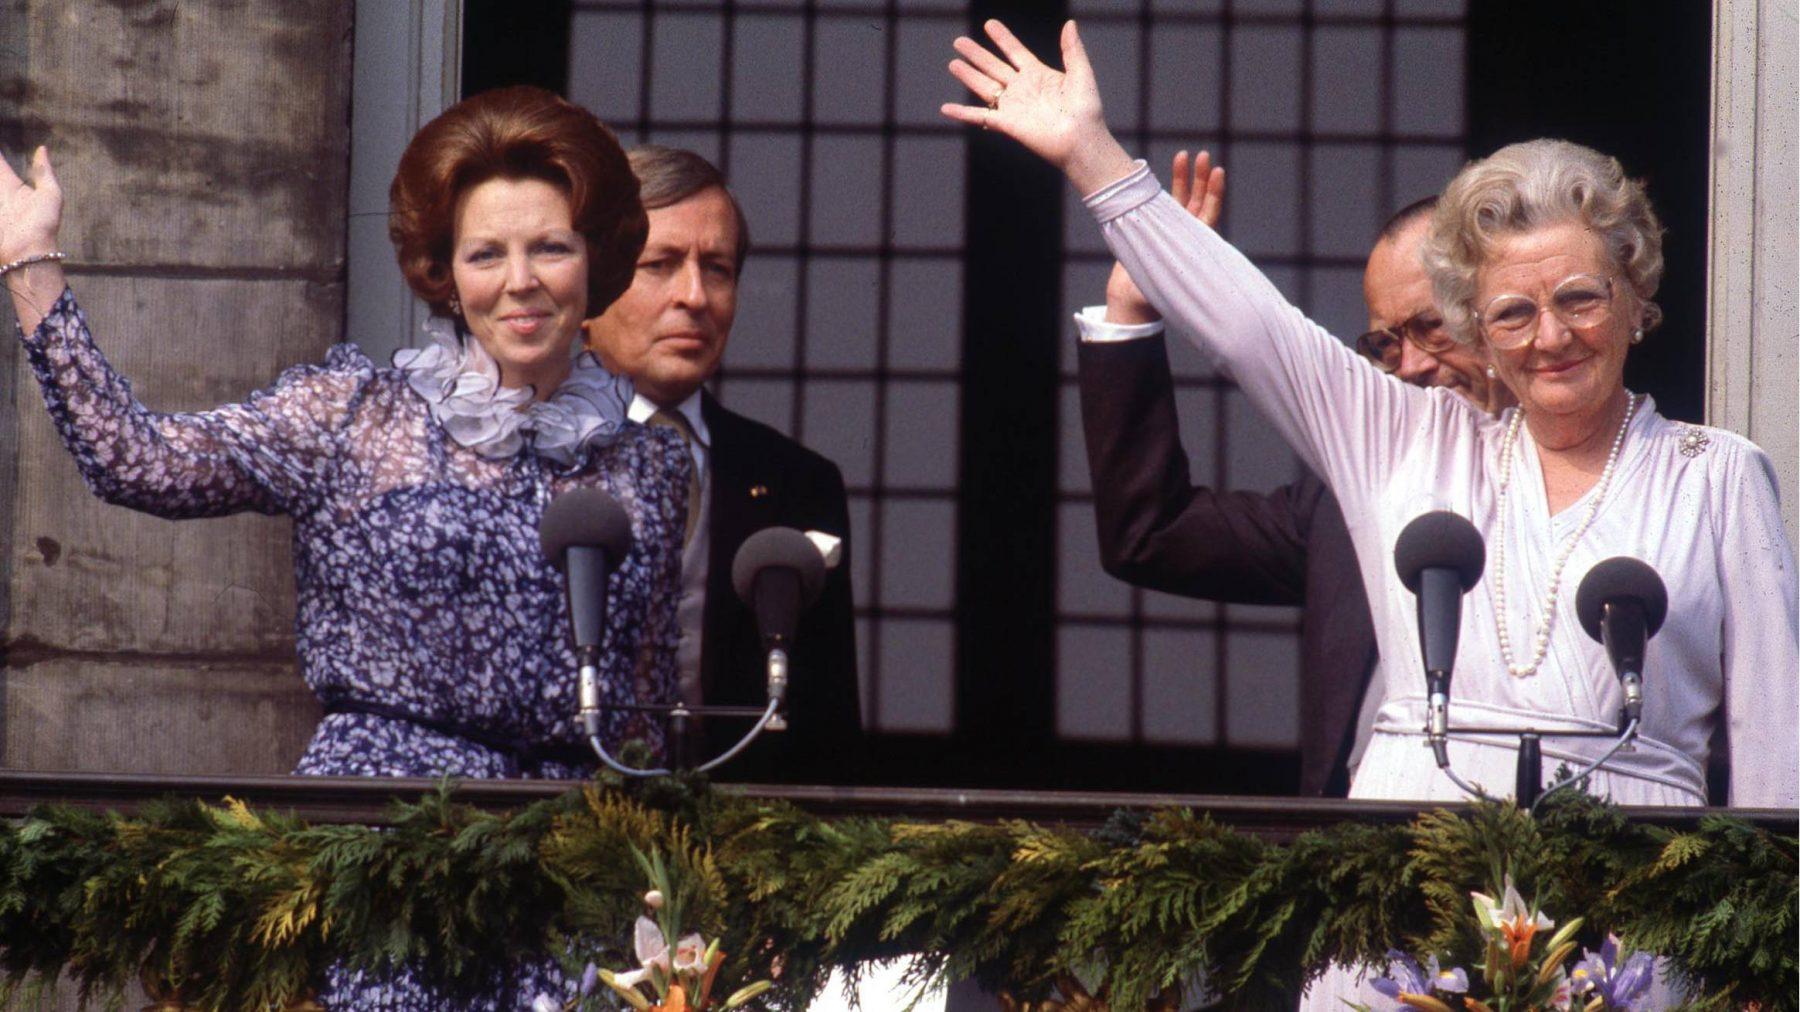 Veertig jaar geleden werd Beatrix onze koningin: 11 x foto's van deze bijzondere dag